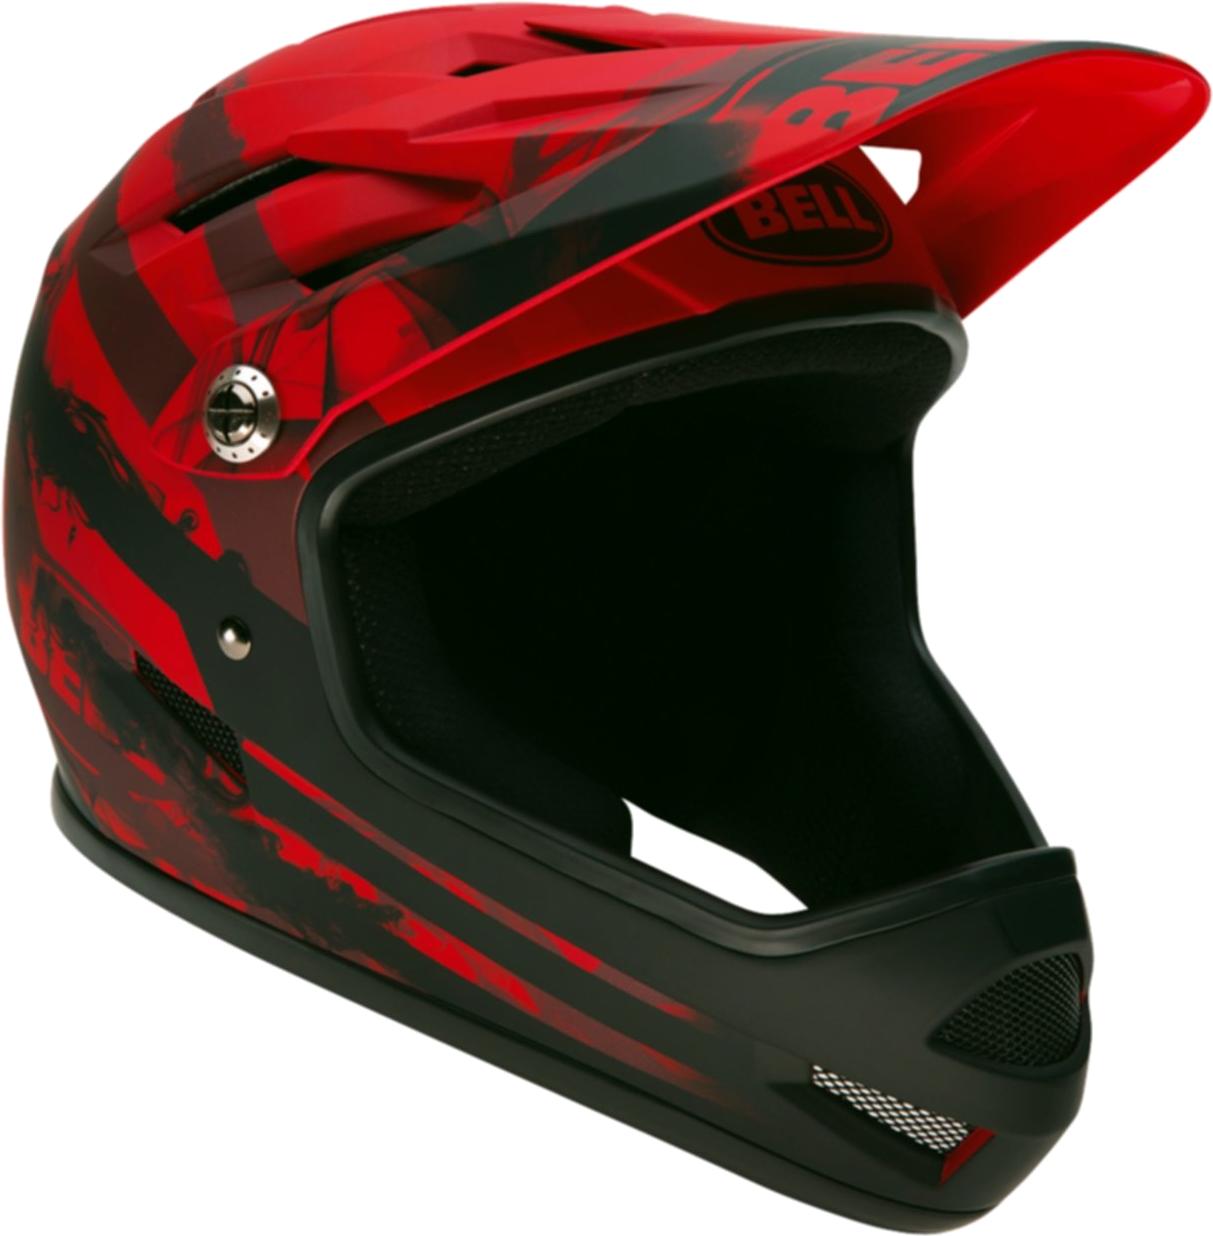 Helmet clipart motorbike helmet. Motorcycle png image purepng